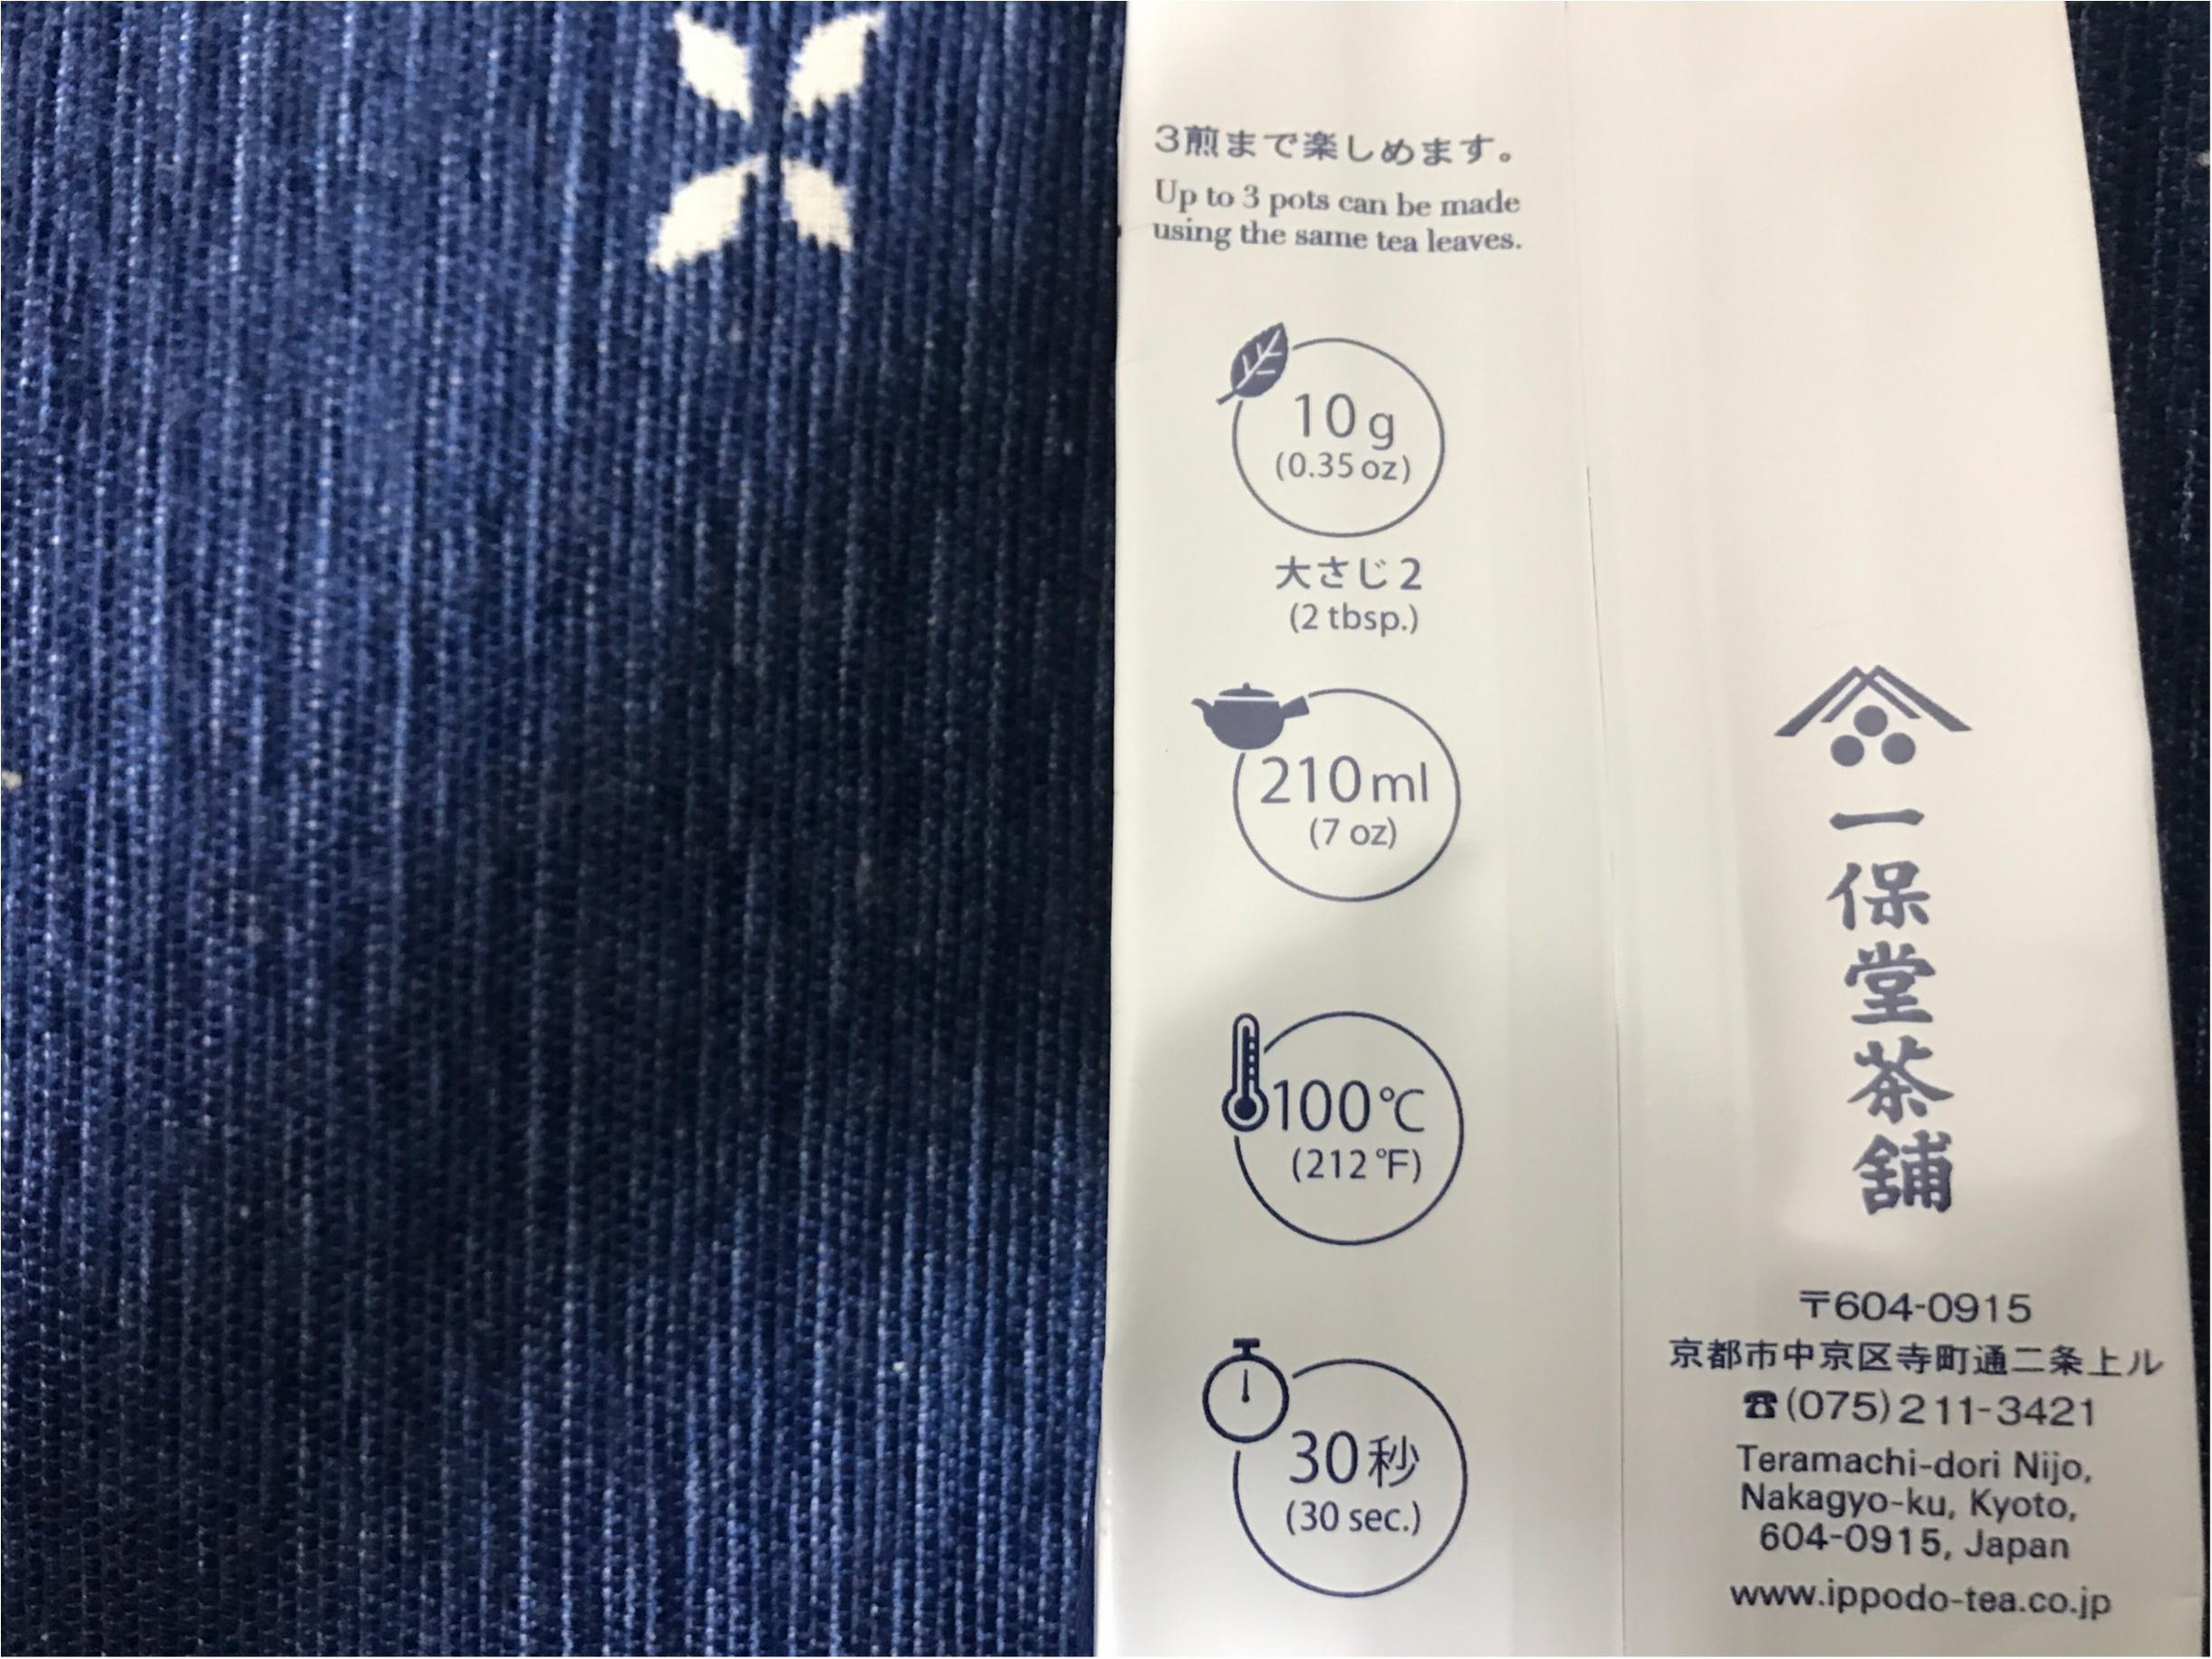 """【緑茶美容法】おいしい緑茶で""""スッピン美人""""に!デパートでも手軽に手に入る!京都の老舗""""一保堂""""のお茶が香りも味も一流!おいしいから毎日続けられる美容法!_3"""